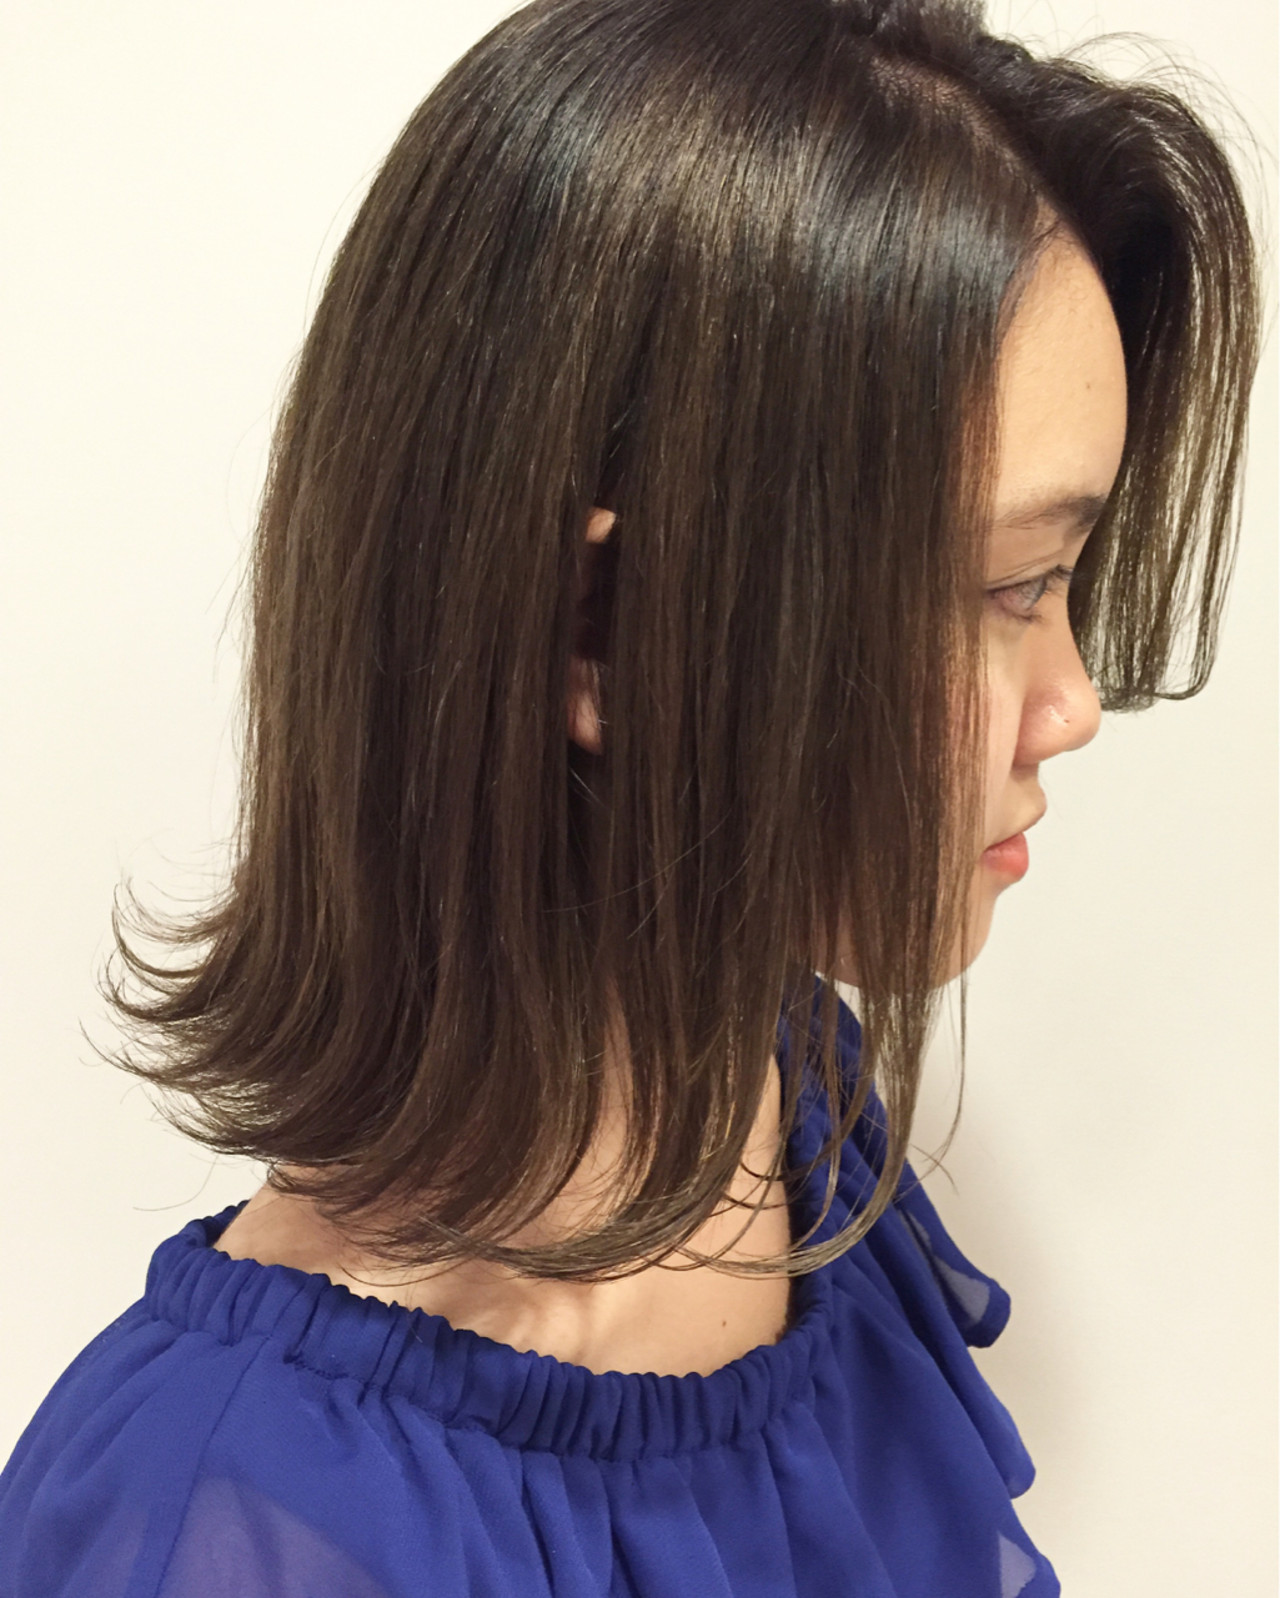 ストリート グラデーションカラー ミディアム くせ毛風 ヘアスタイルや髪型の写真・画像